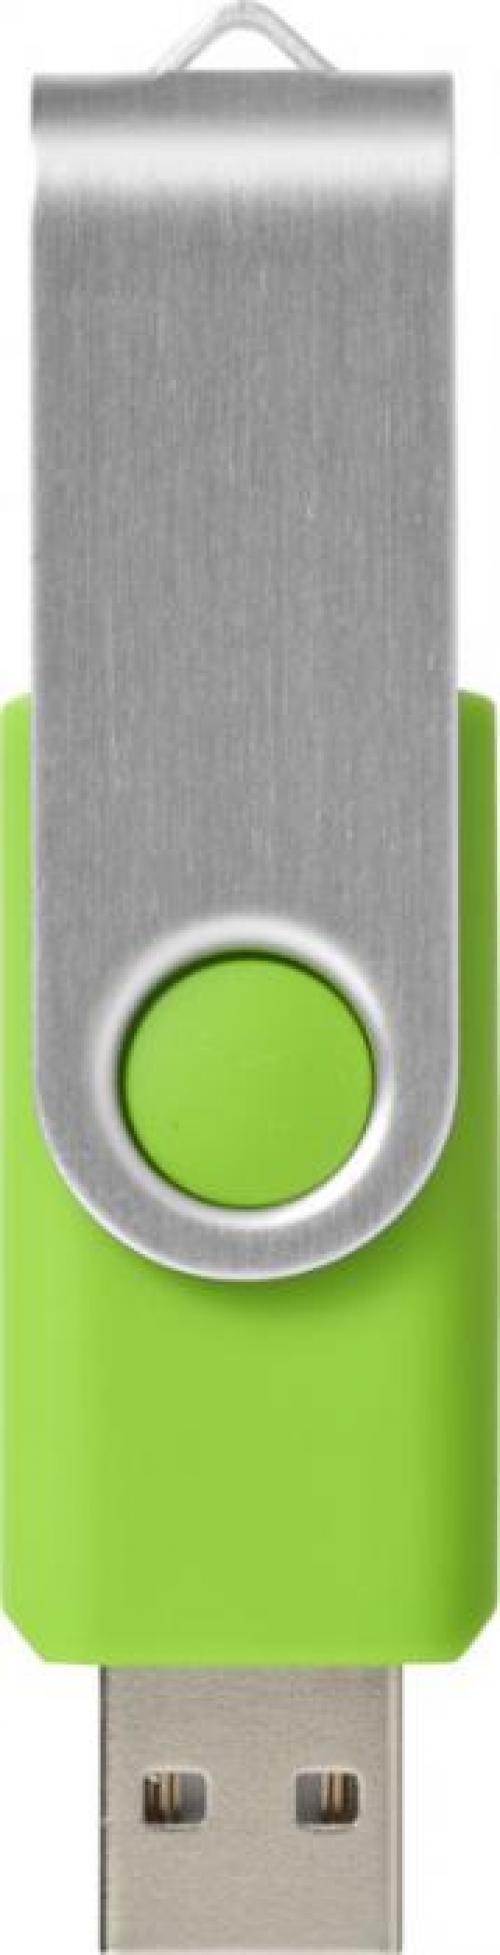 Memoria USB básica 8gb Rotate